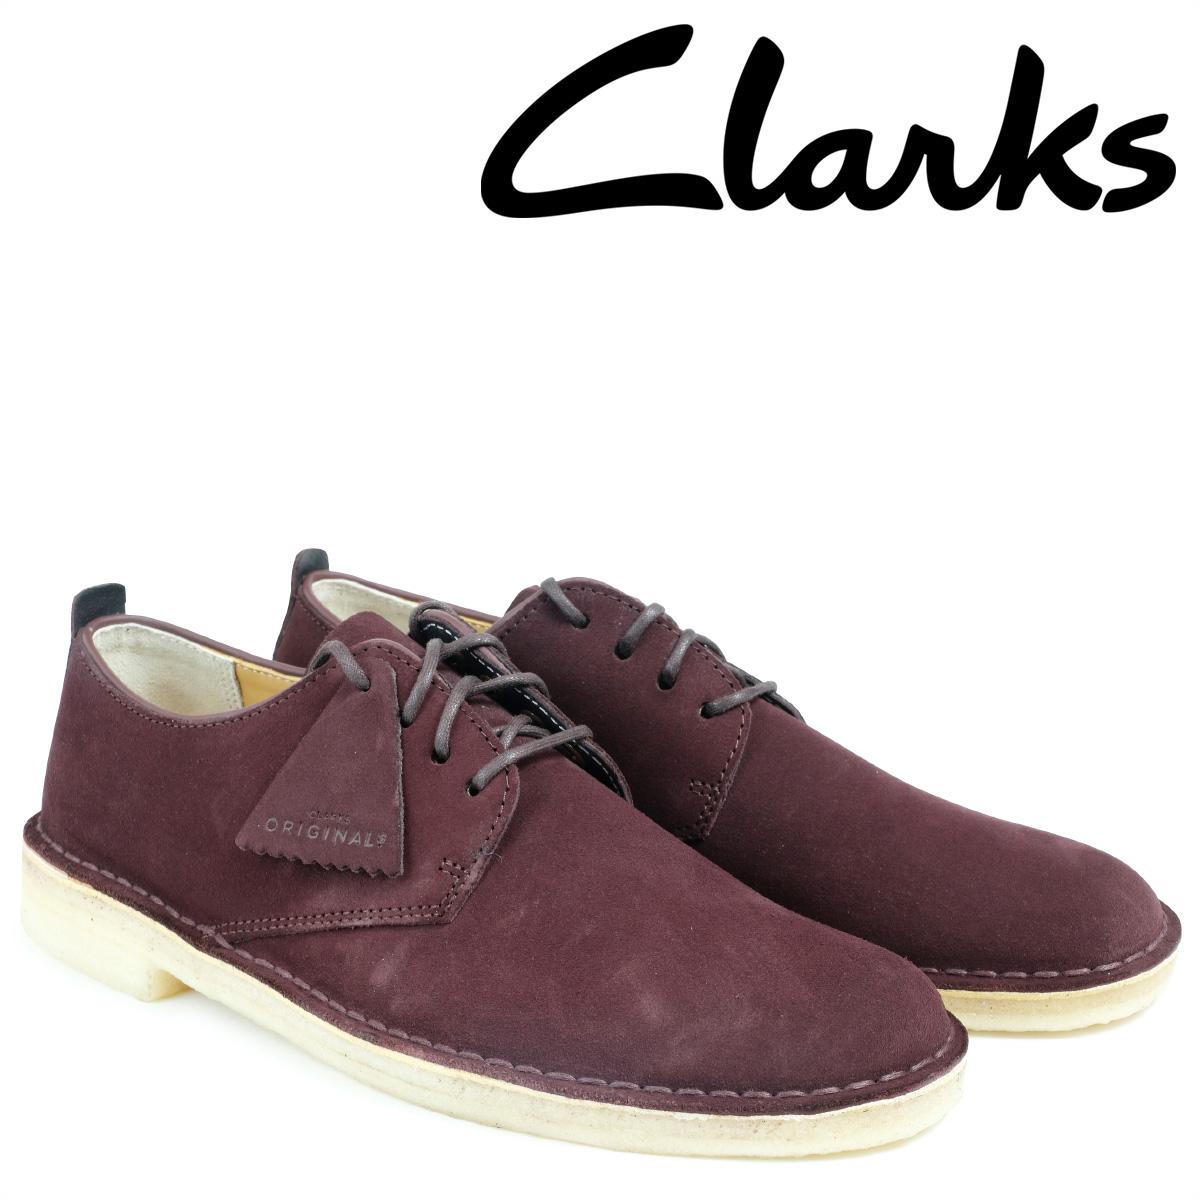 クラークス Clarks デザートブーツ シューズ メンズ DESERT LONDON 2628511 ロンドンバーガンディー